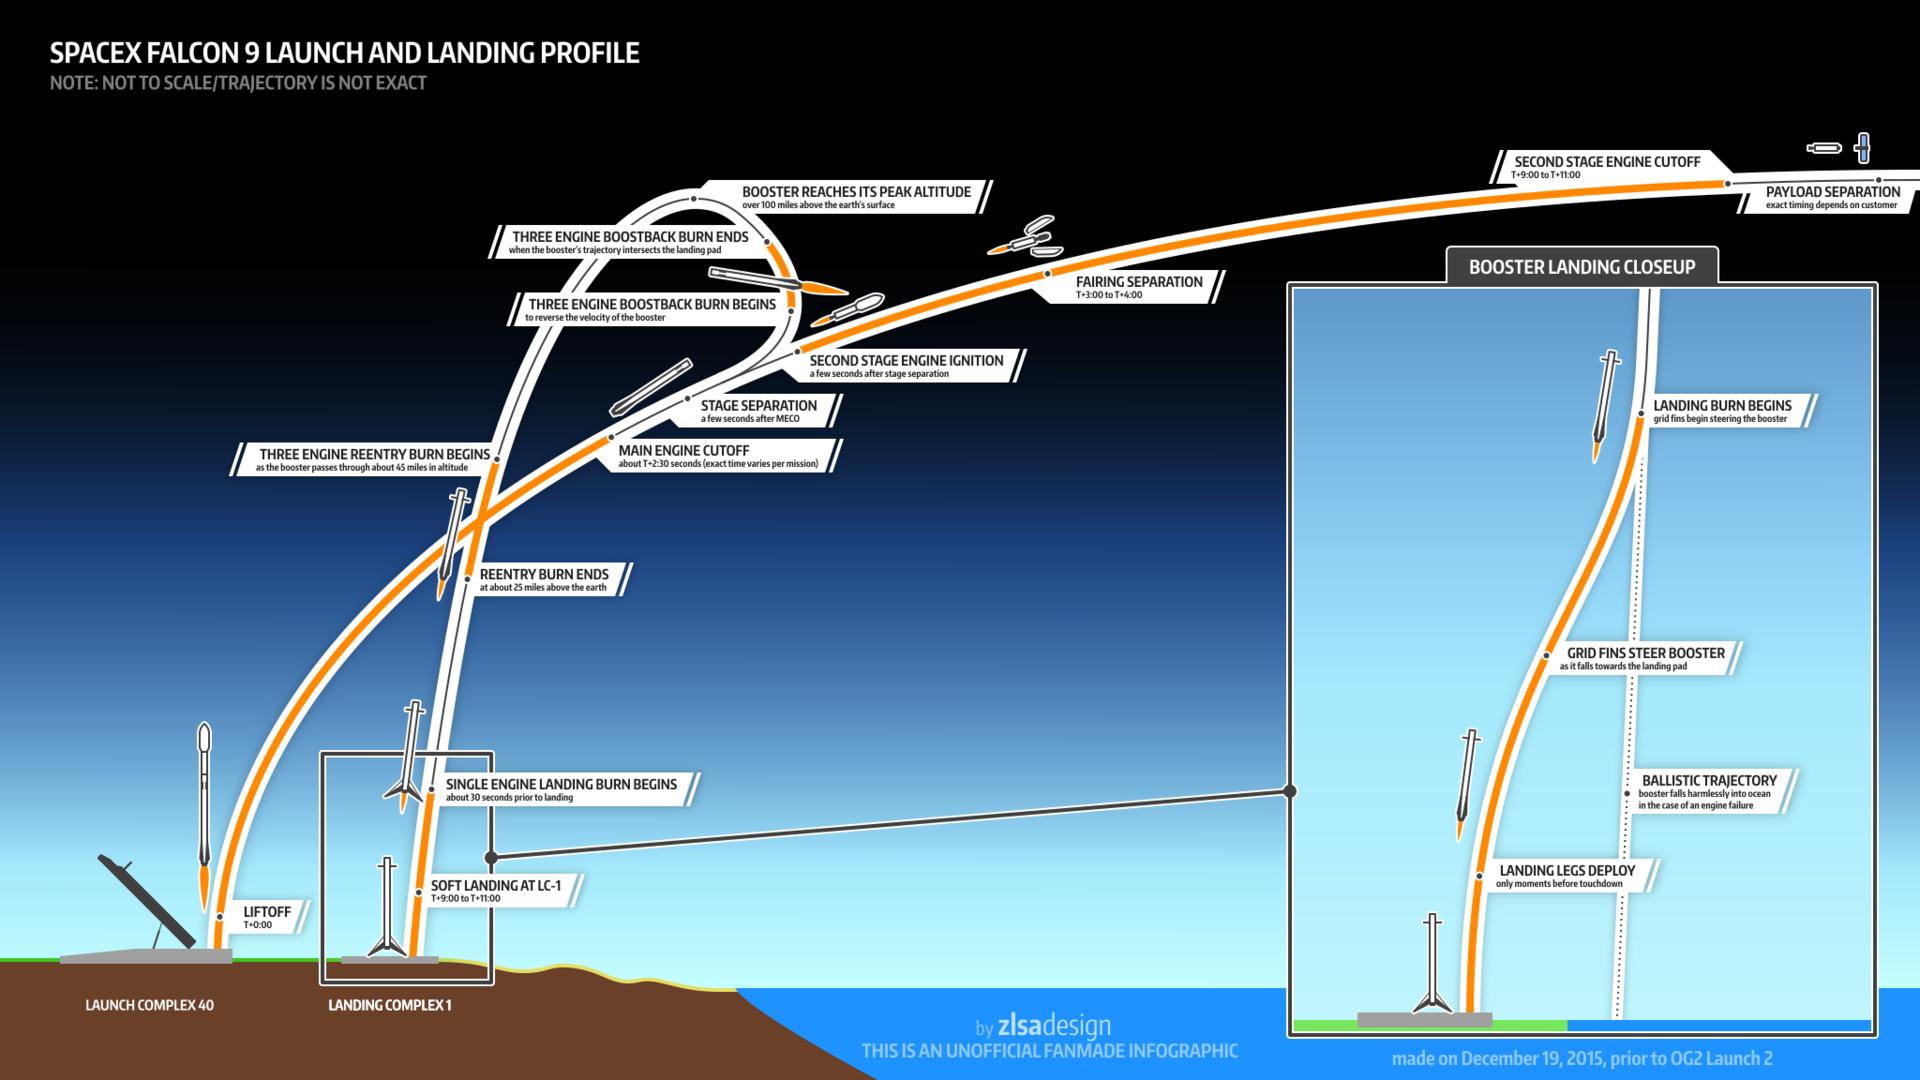 [Запуск и посадка успешны] Этой ночью SpaceX впервые попытается посадить первую ступень ракеты Falcon 9 на сушу - 3